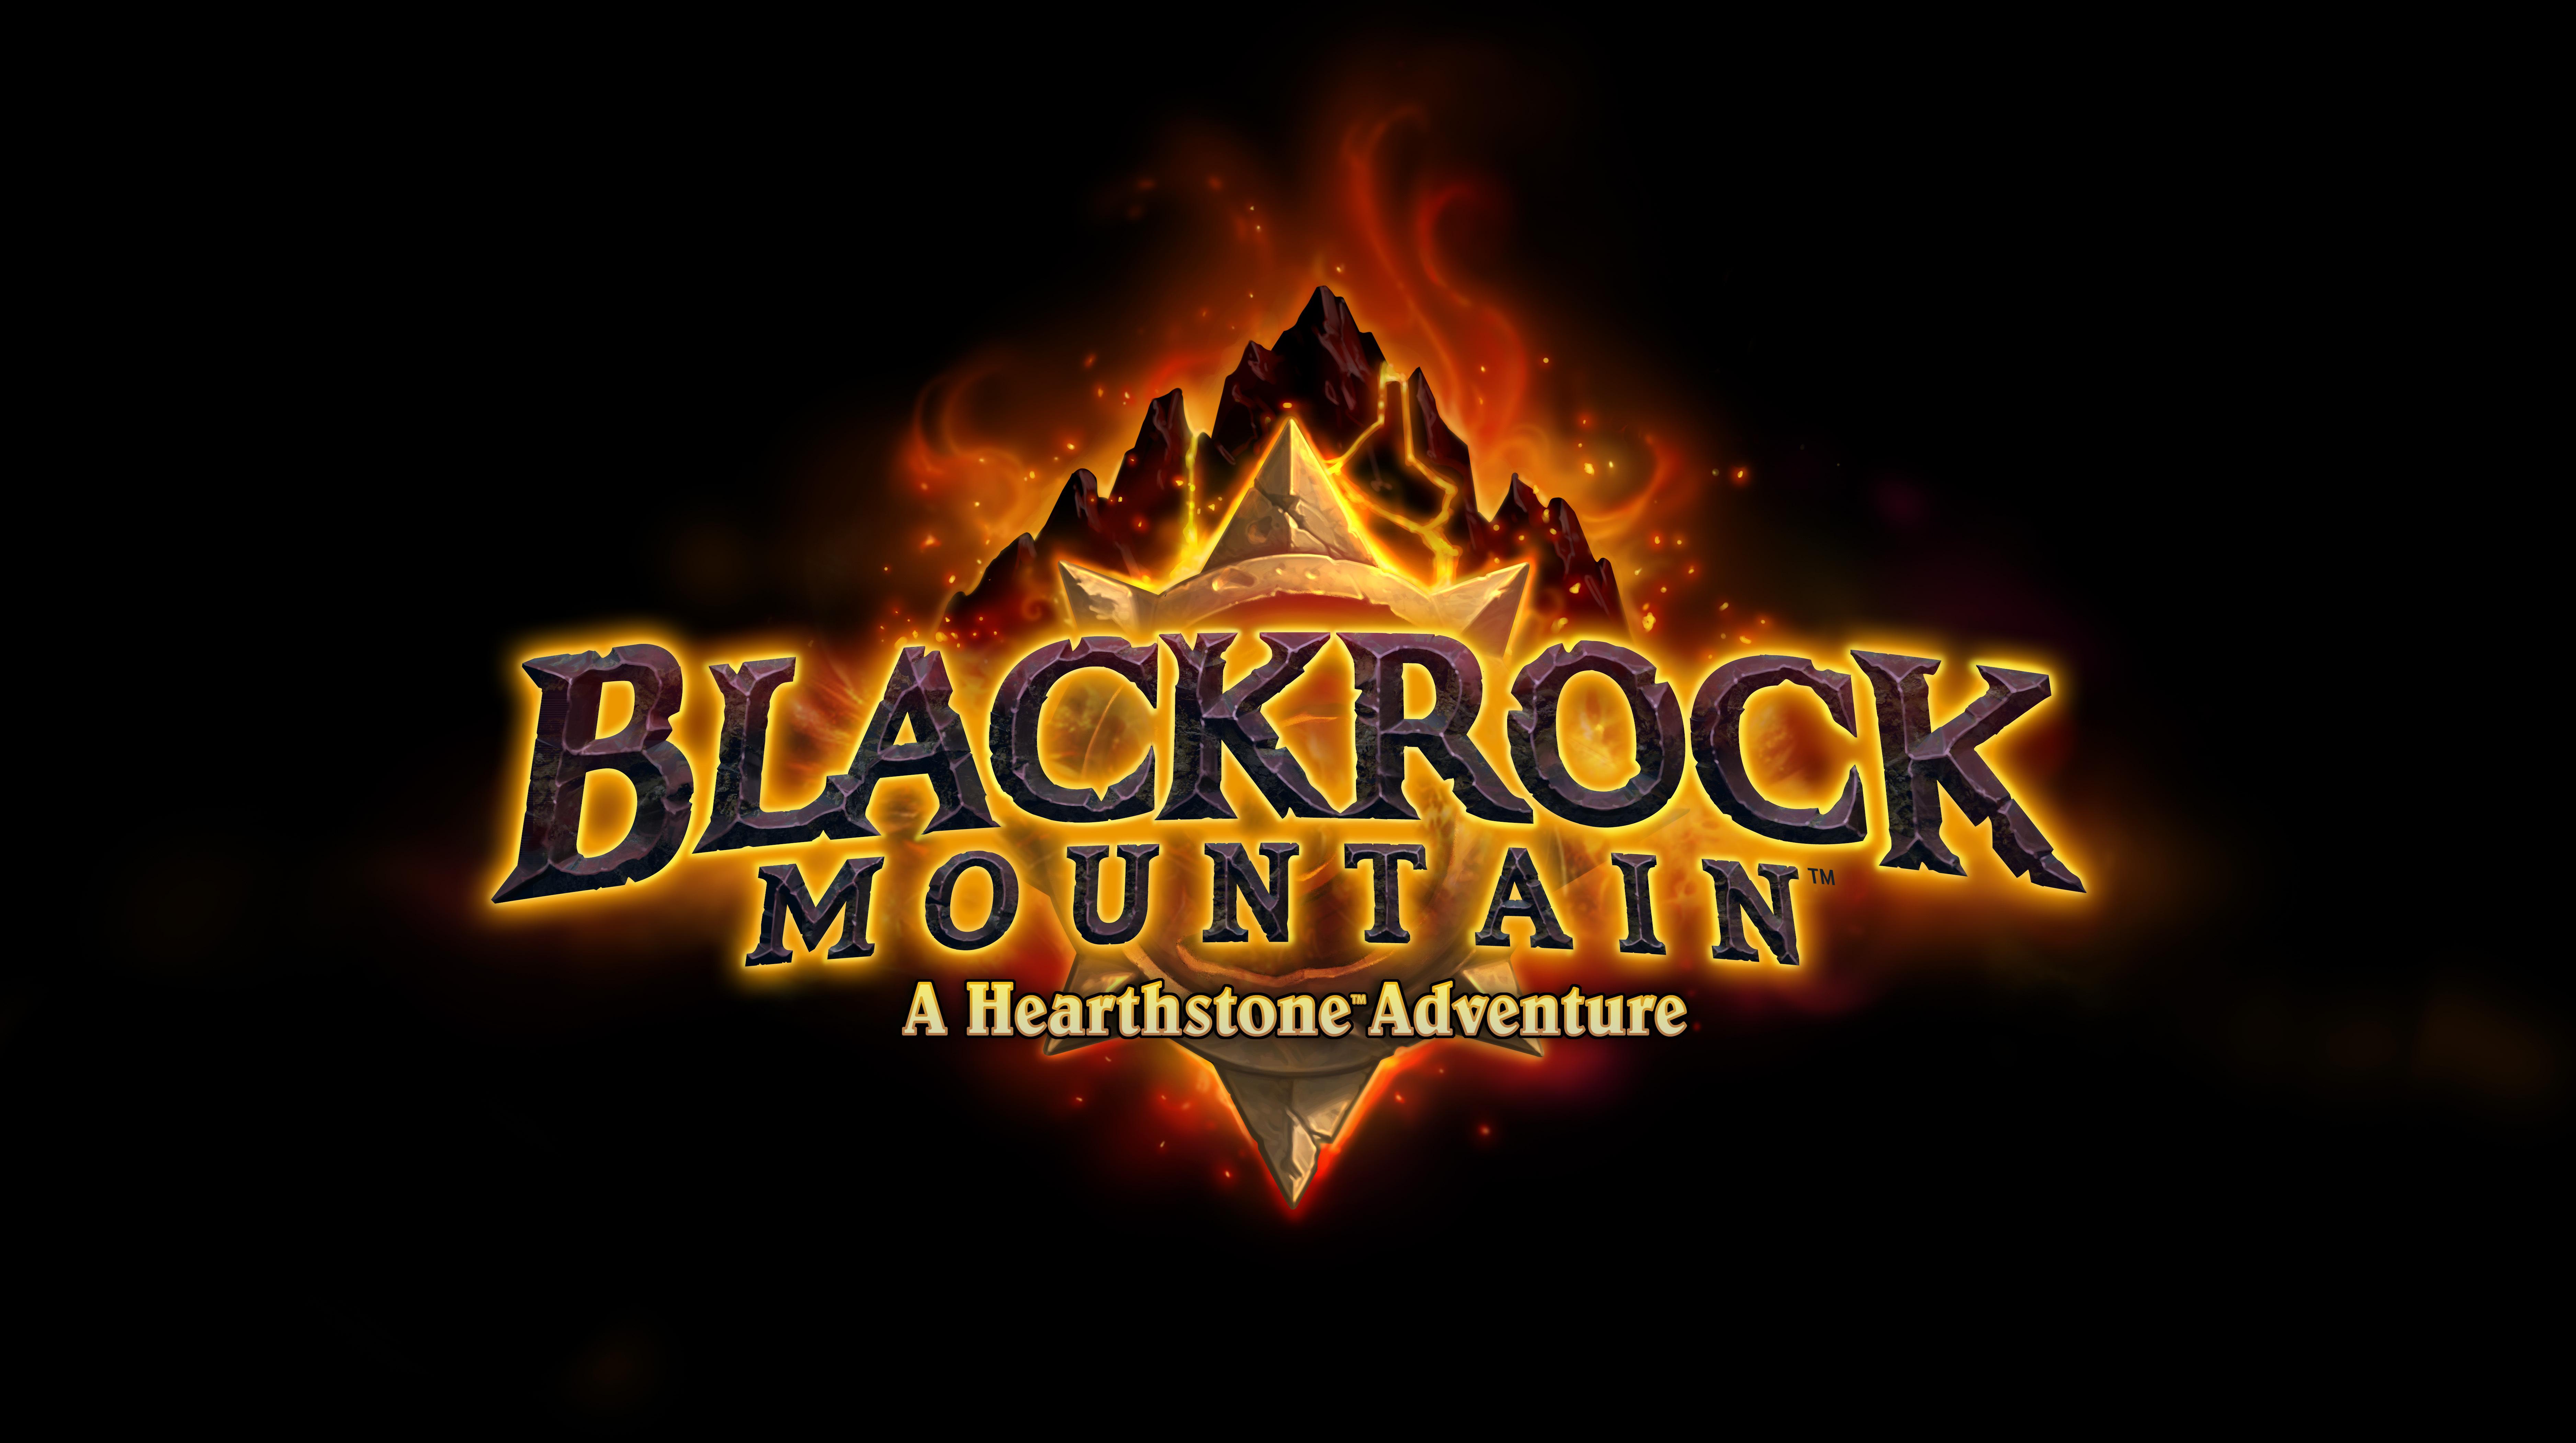 Blackrock, Ireland Tours | Eventbrite